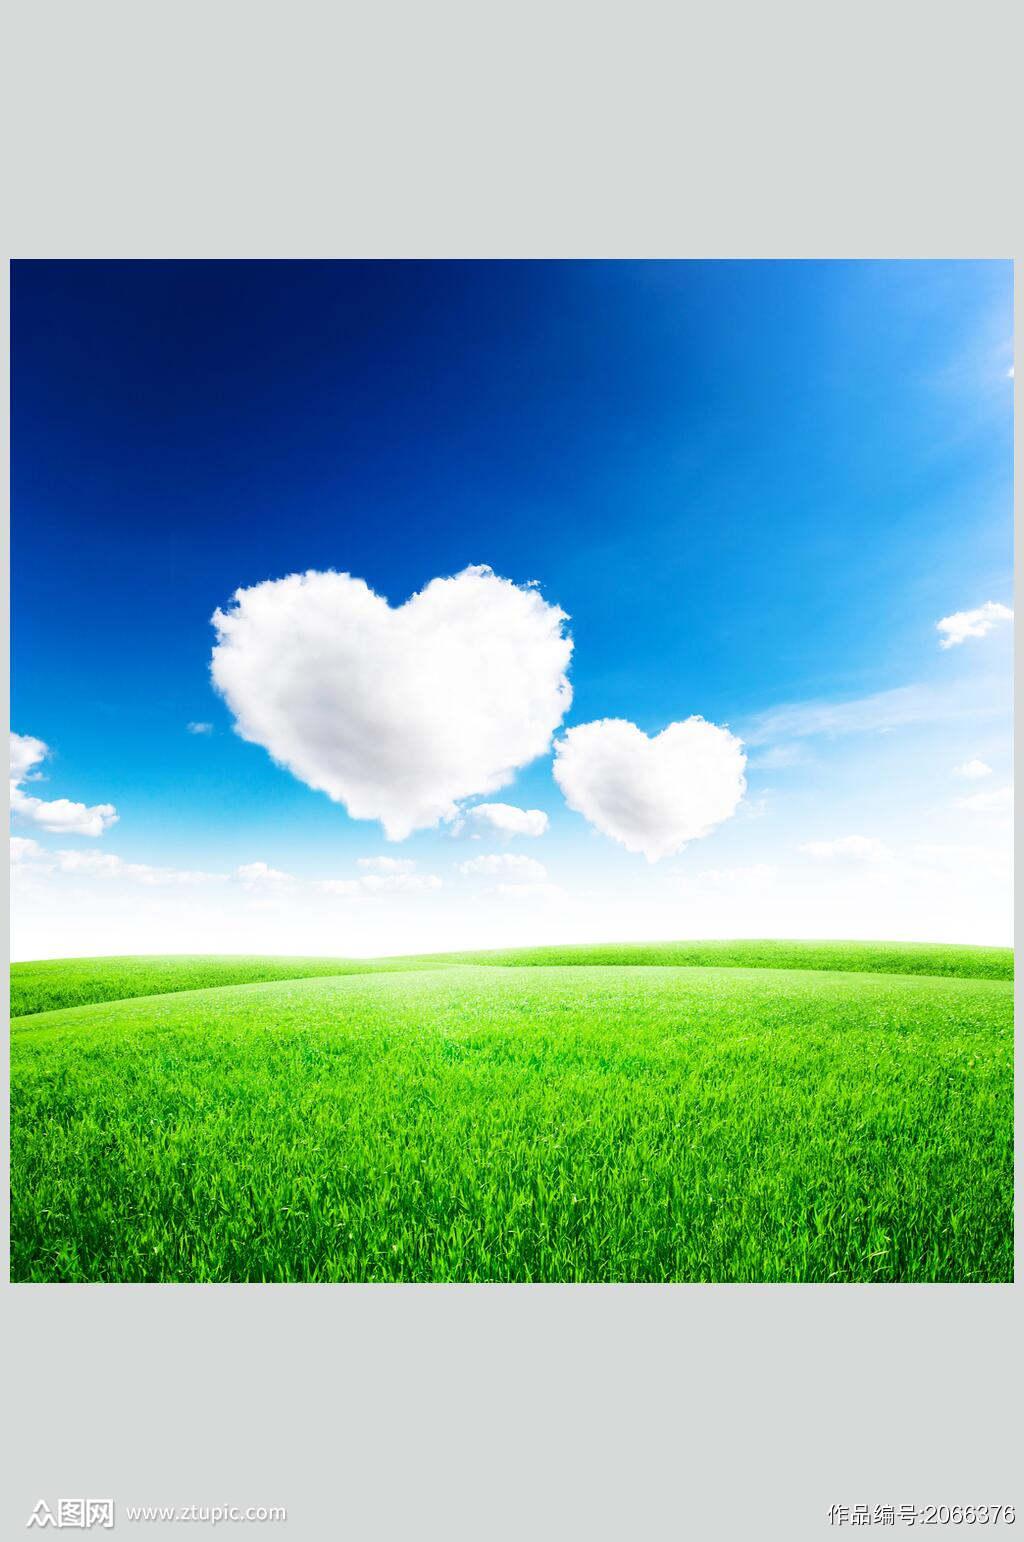 草地天空风景图片白云草地蓝天摄影图素材